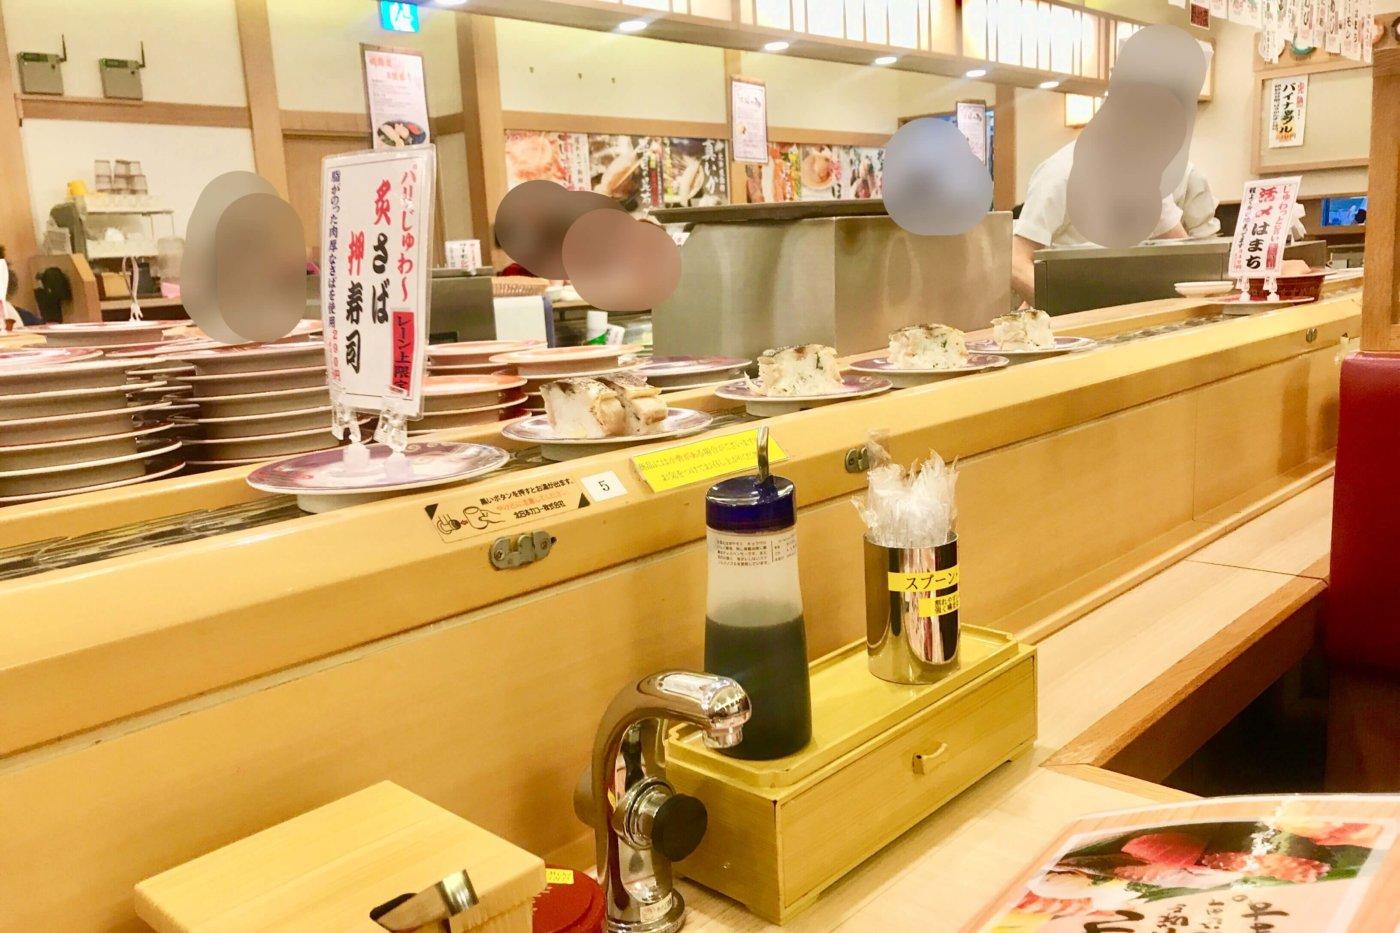 回転寿司トリトン 東京スカイツリータウン・ソラマチ店の店内